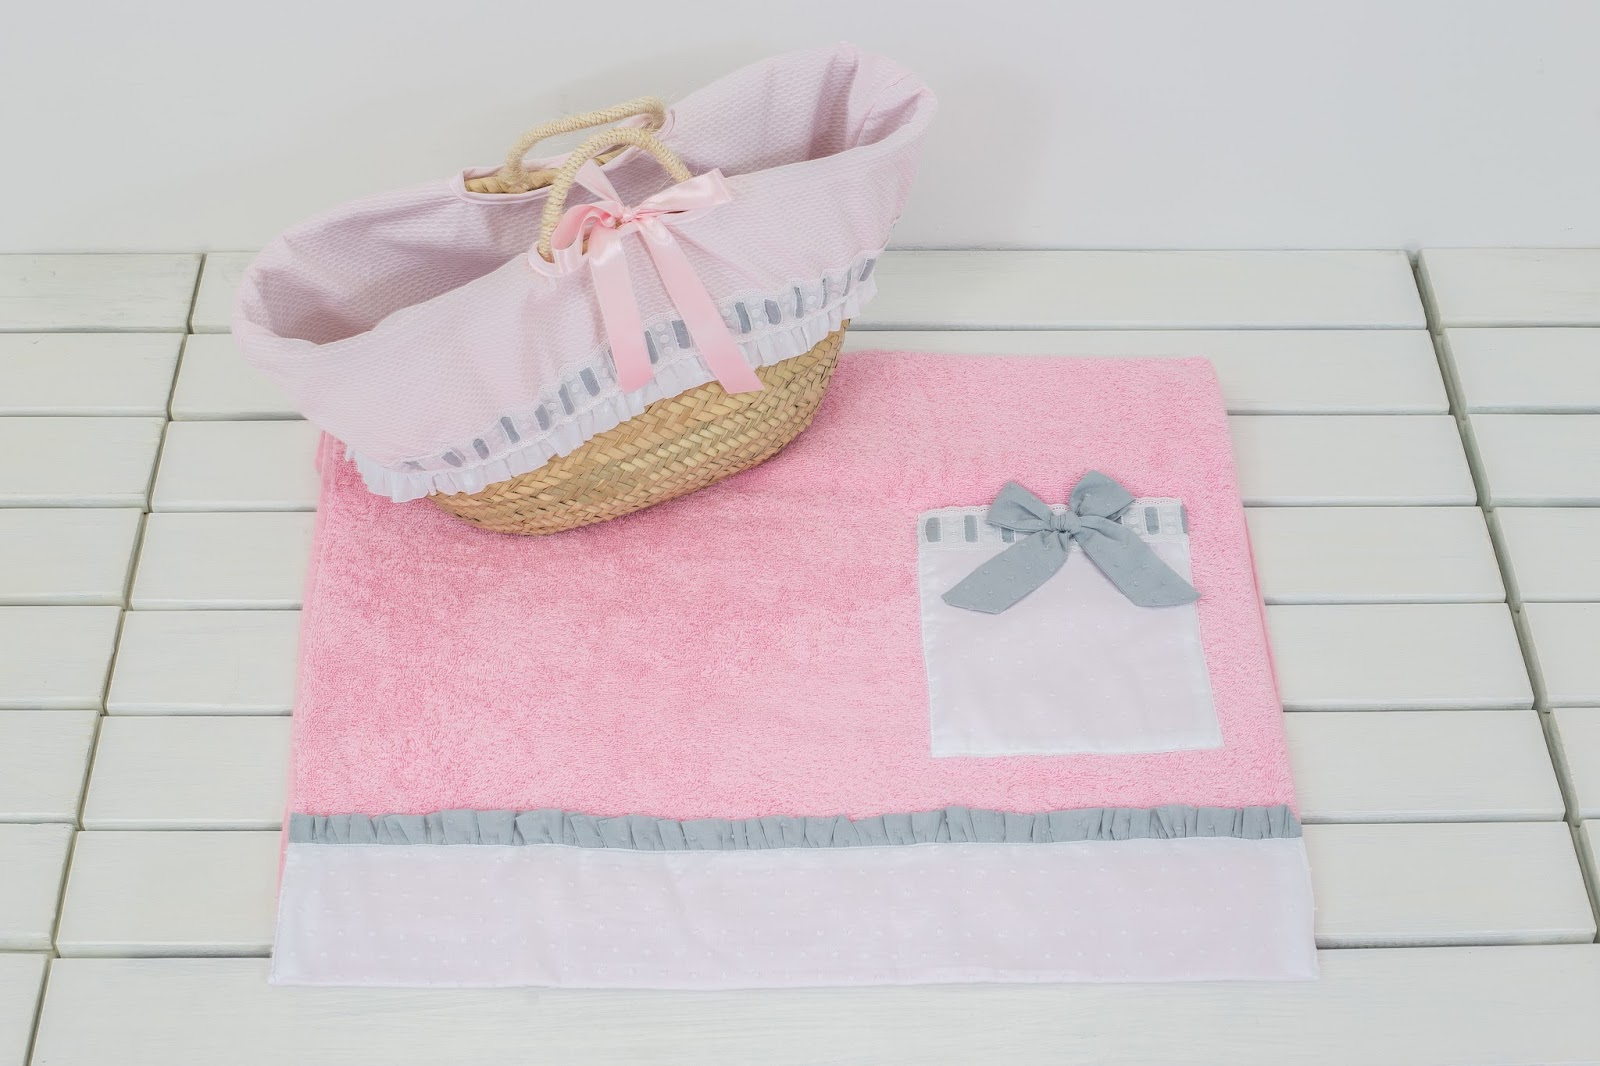 Capazo y toalla de playa colecci n nubes unikko beb s - Toallas infantiles personalizadas ...